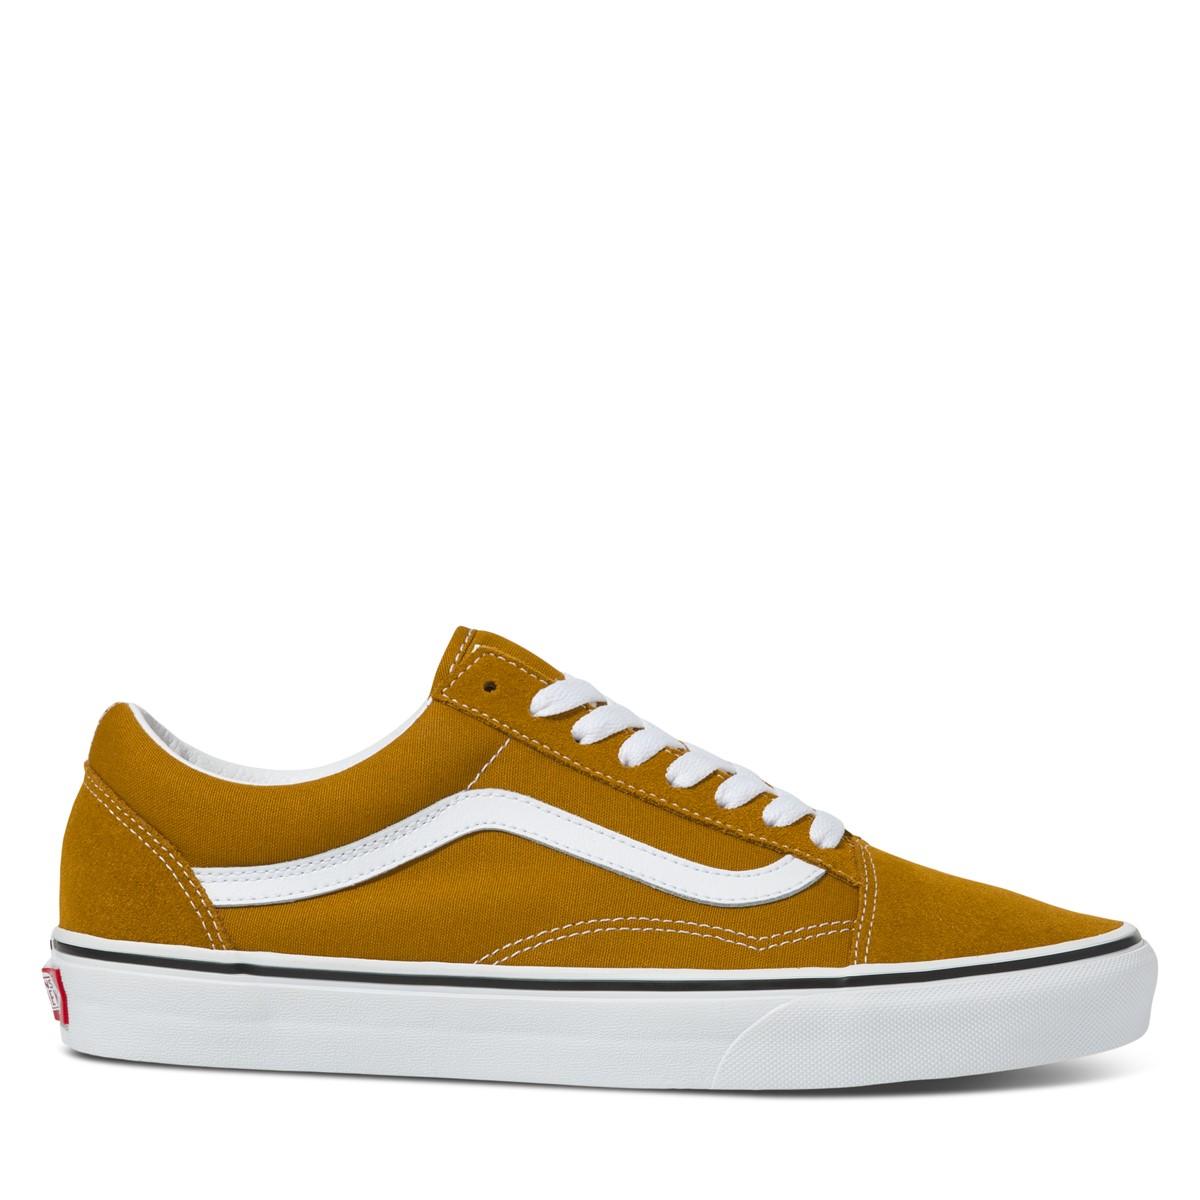 Old Skool Sneakers in Gold Brown